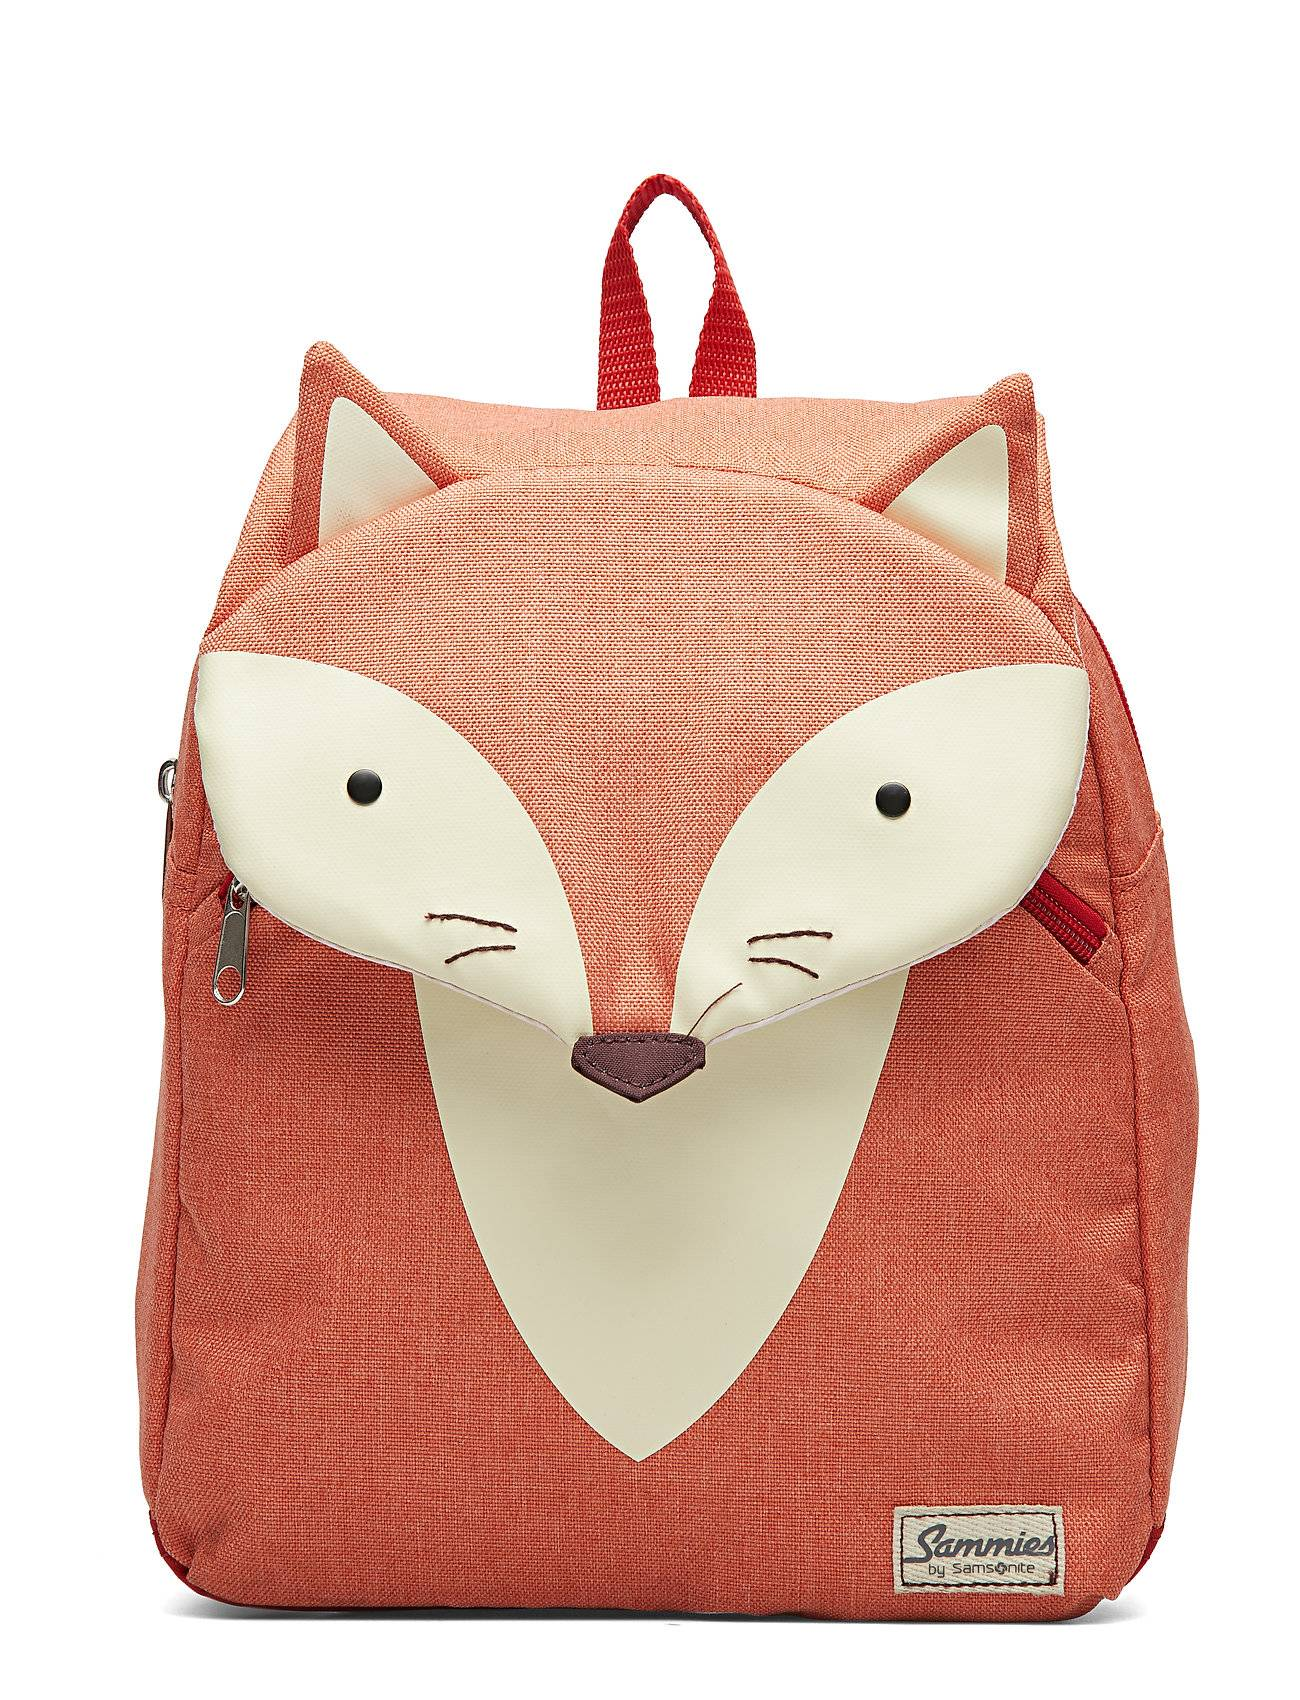 Samsonite Happy Sammies Backpack S Fox William Accessories Bags Backpacks Vaaleanpunainen